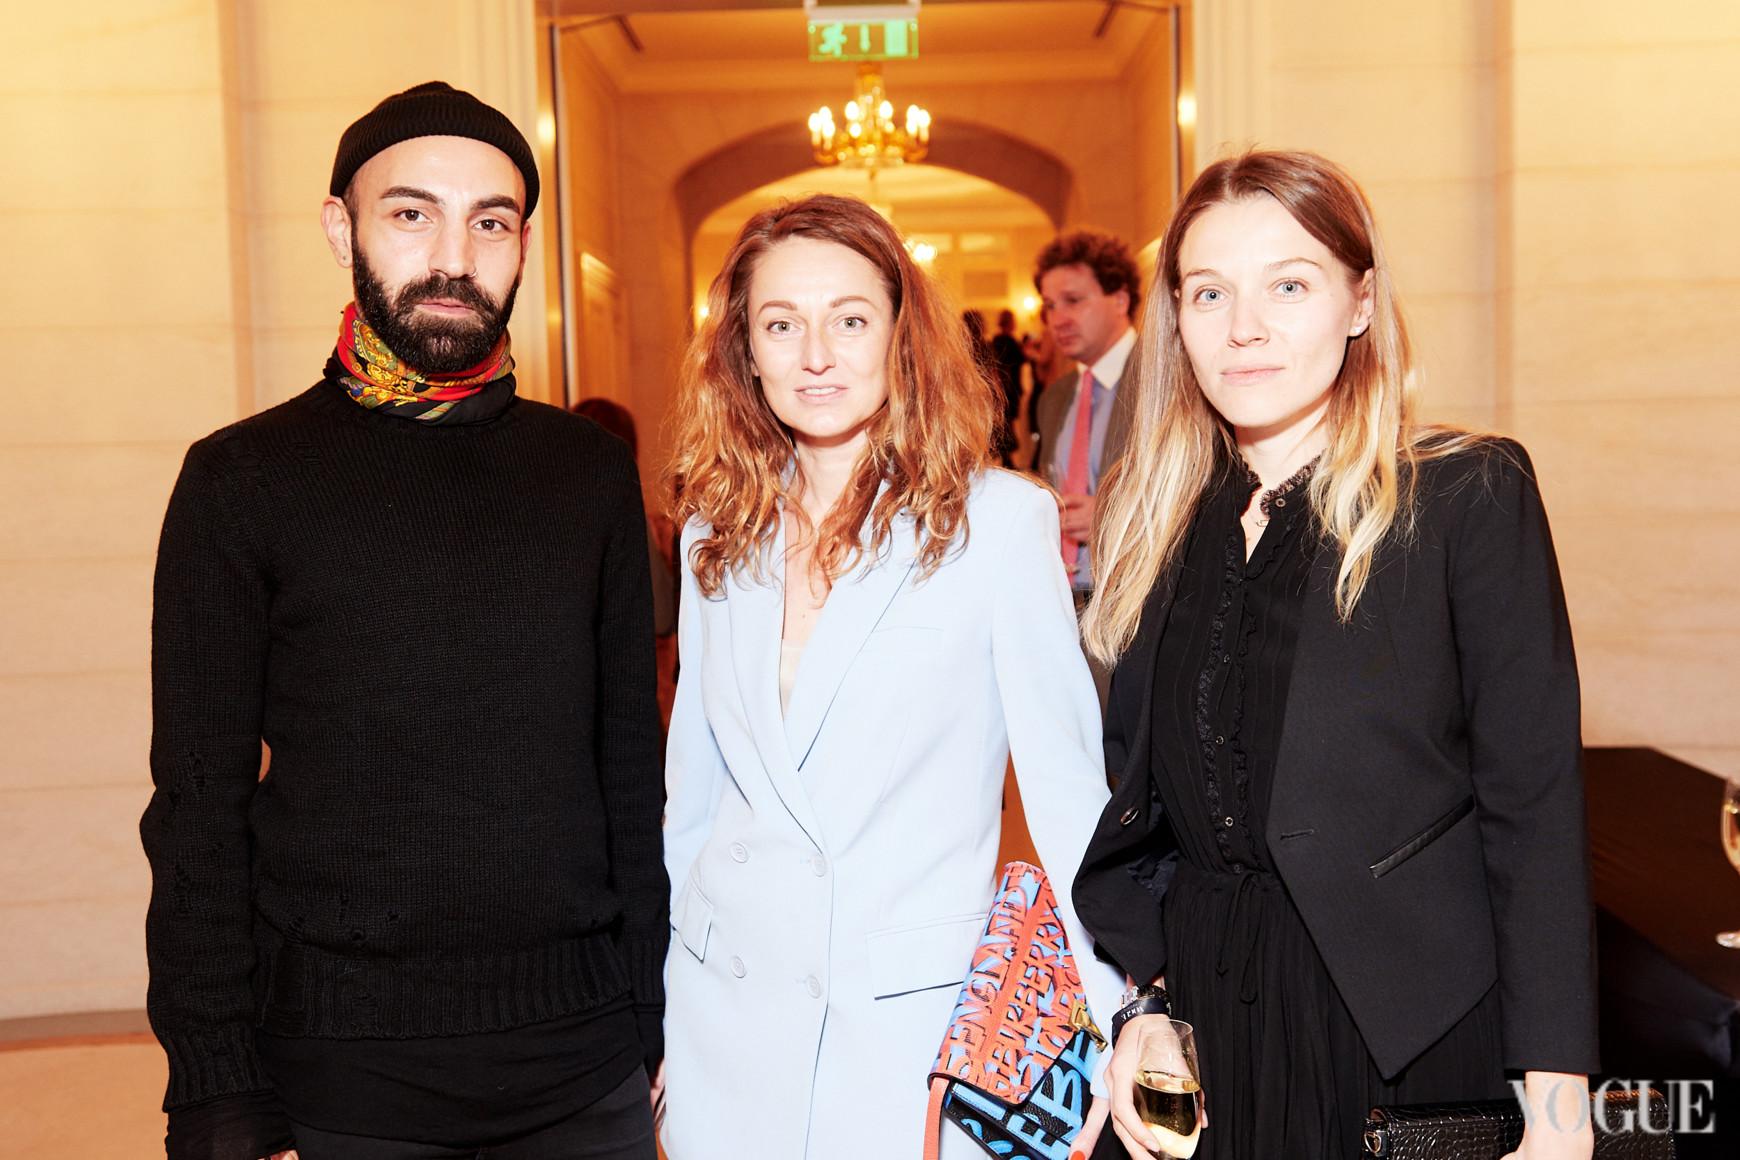 Лаша Мдинарадзе, Татьяна Деменкова и Ольга Басовская